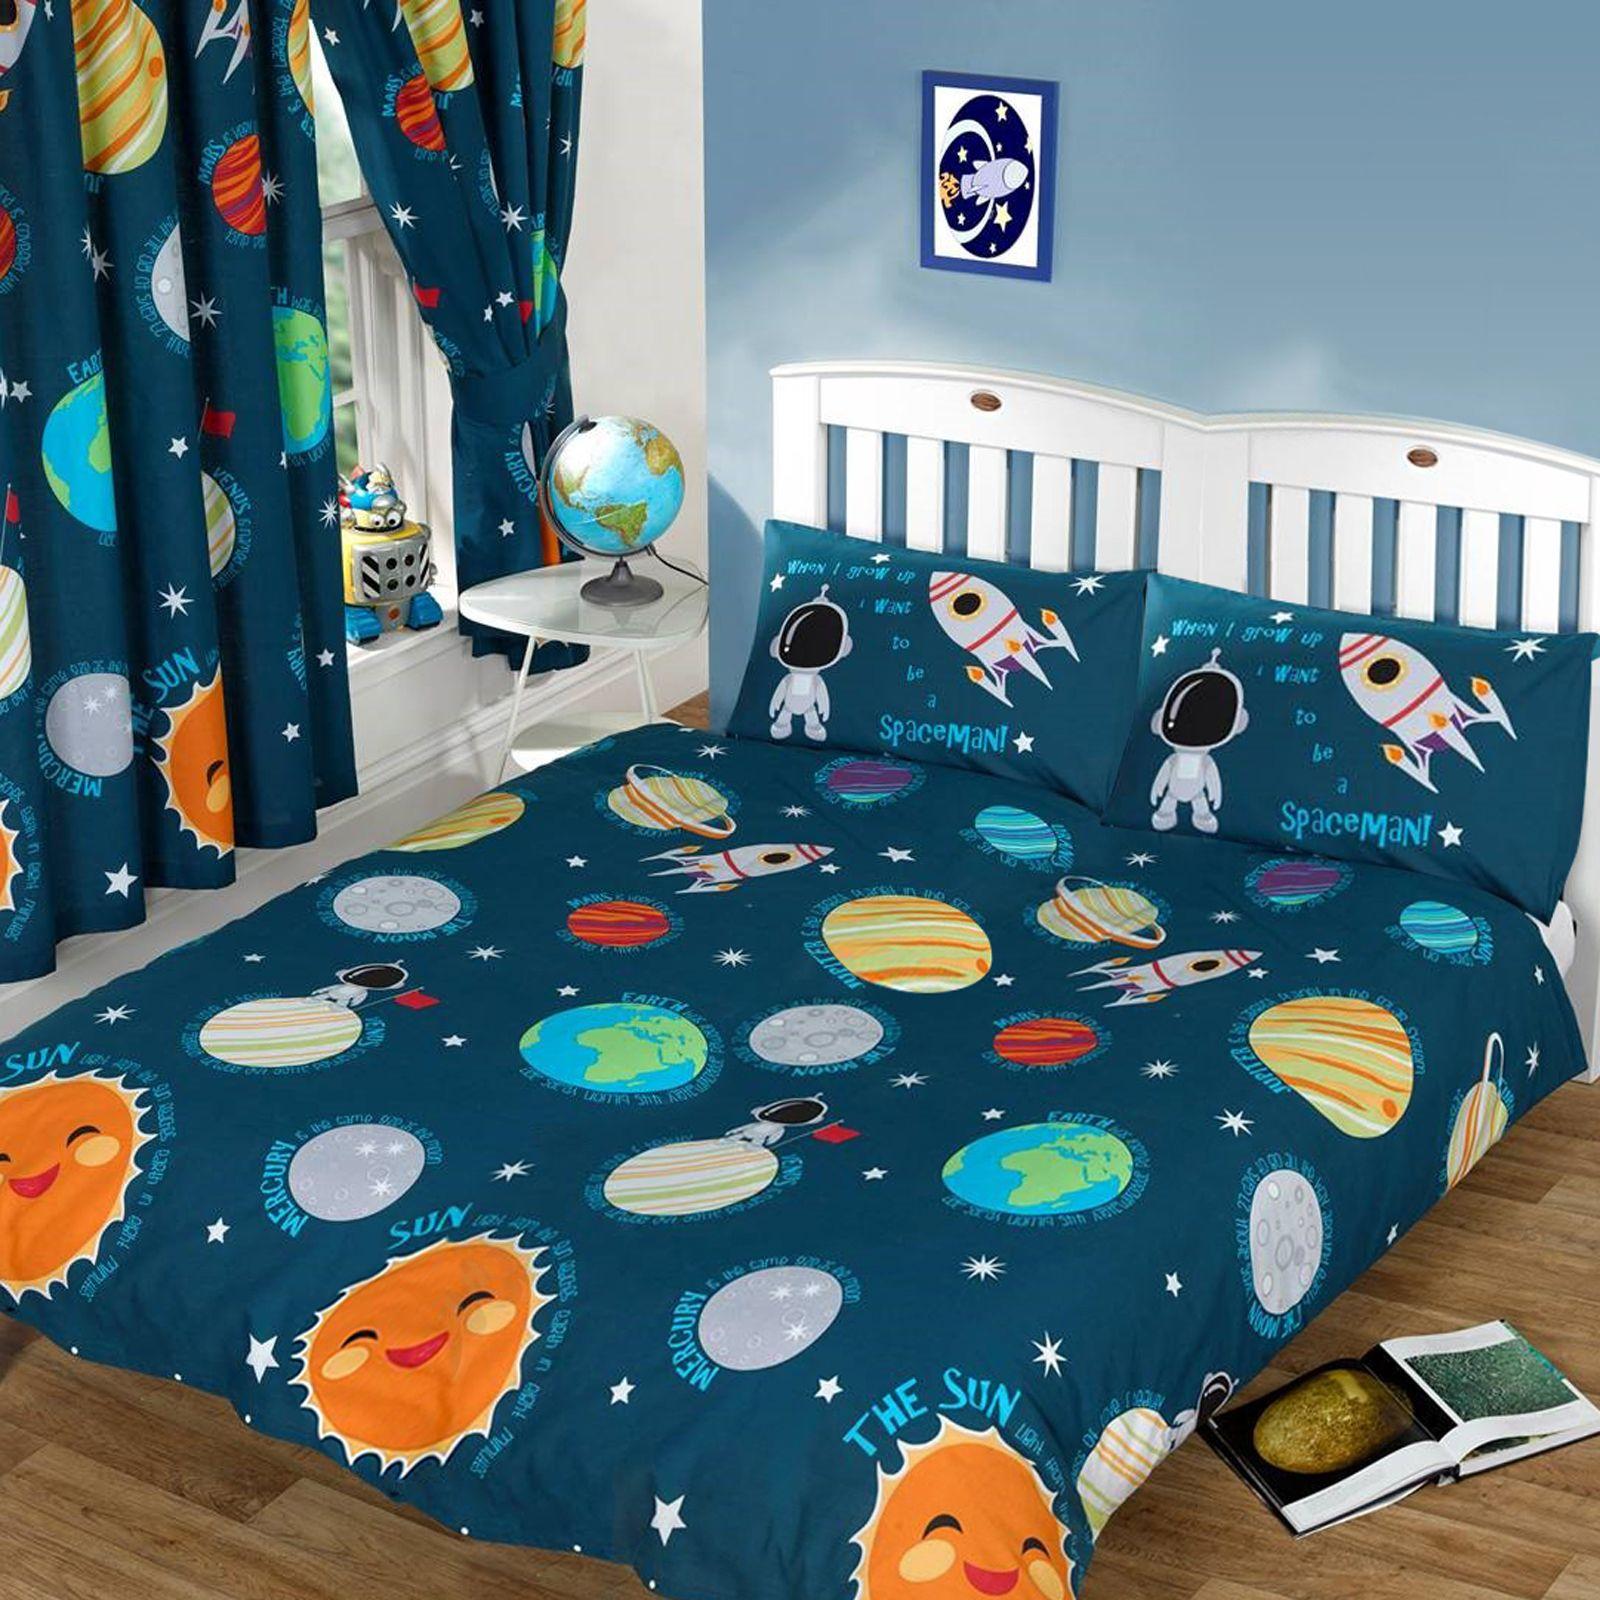 exklusiv doppelbett bettw sche sets kinder designs f r jungen und m dchen ebay. Black Bedroom Furniture Sets. Home Design Ideas